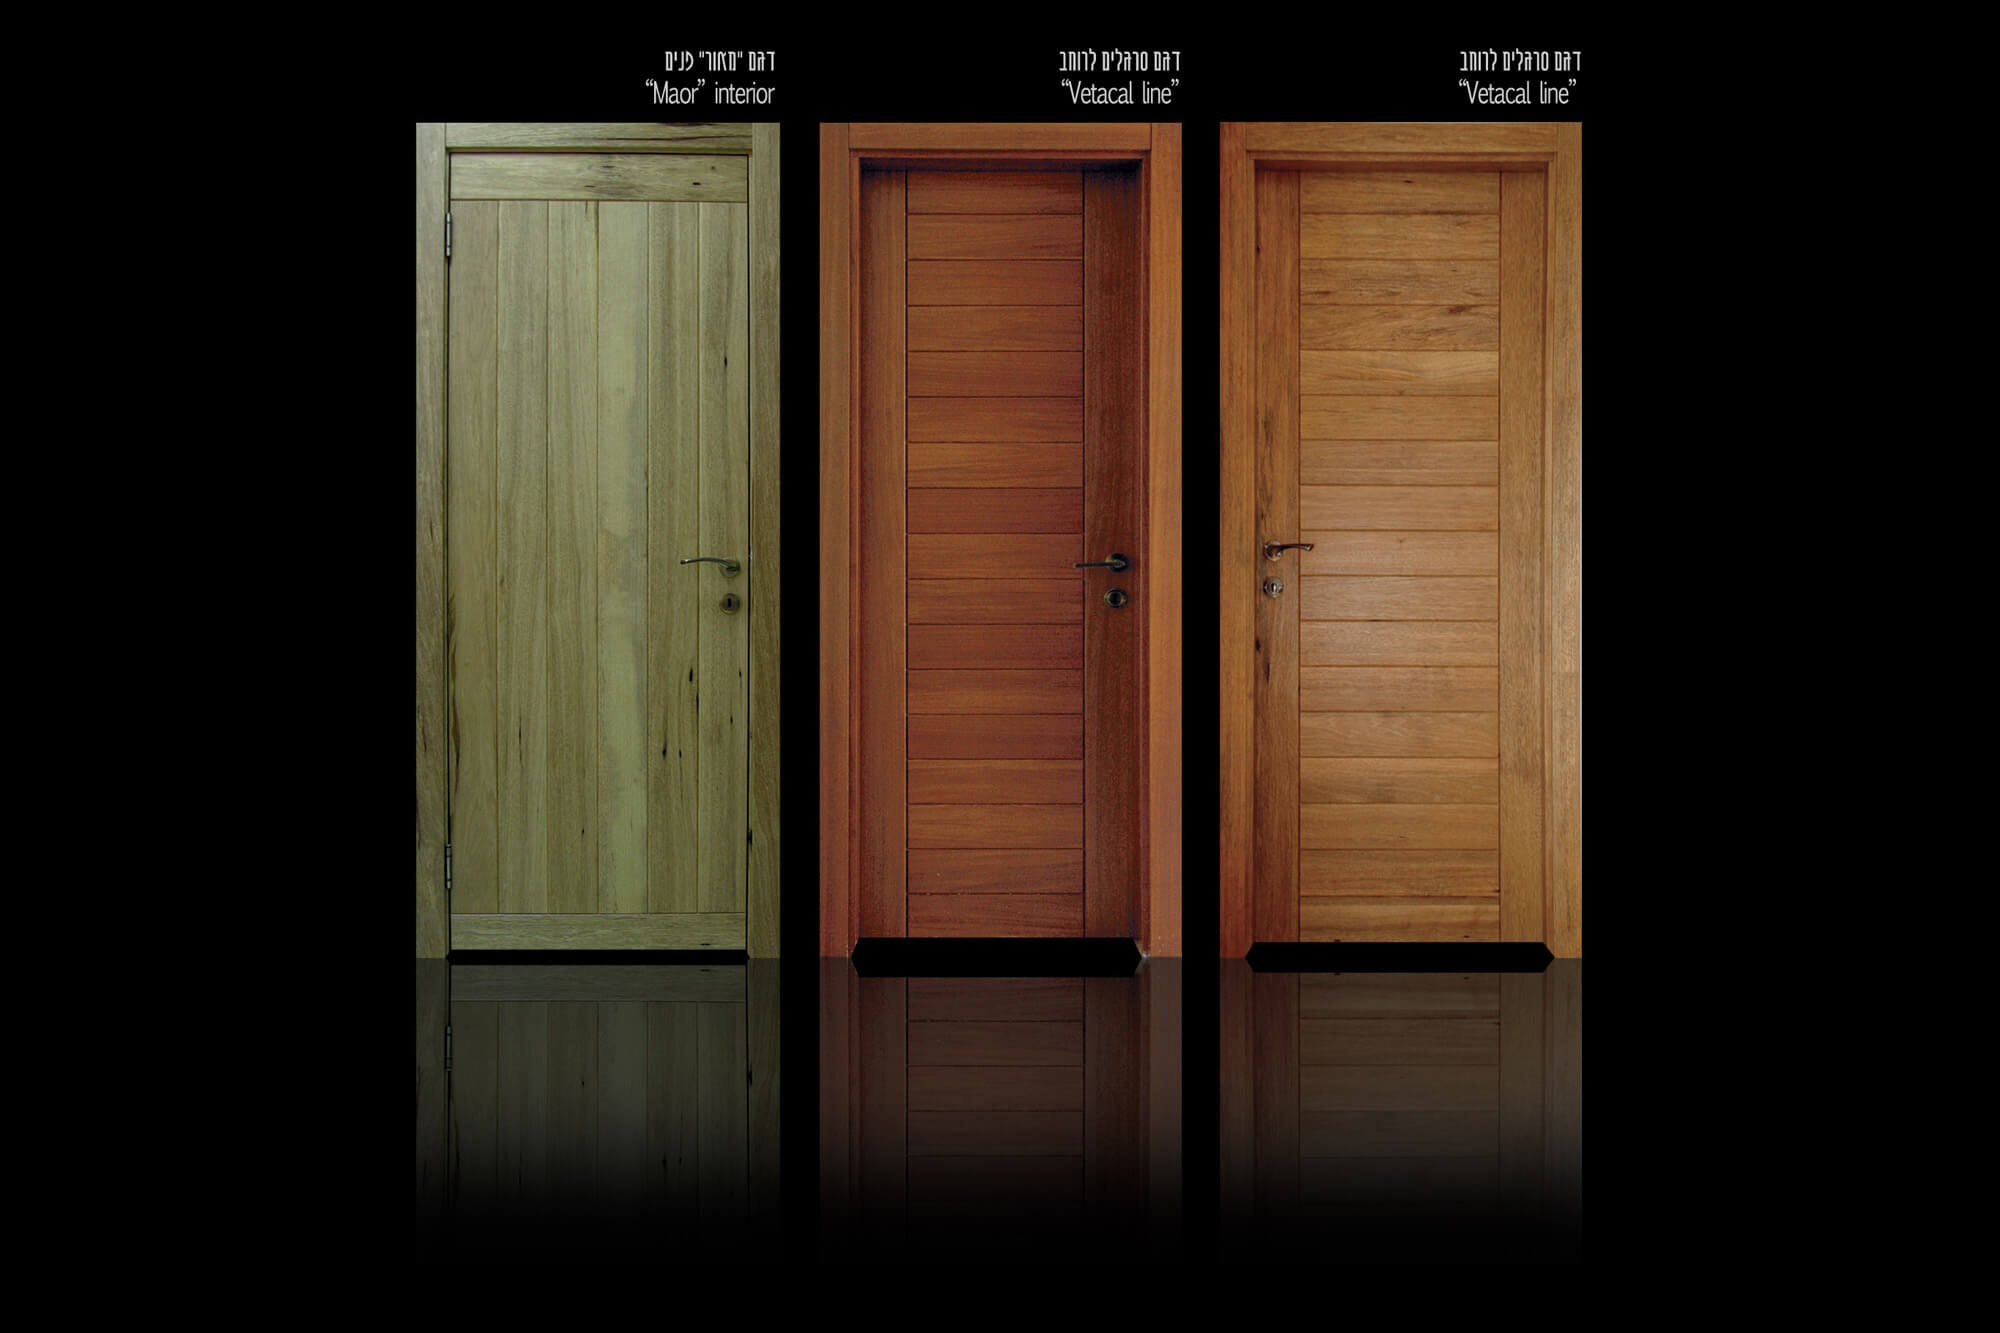 מגניב ביותר דלתות פנים במבצע [כולל התקנה] – דלתות חקשוריאן PY-02